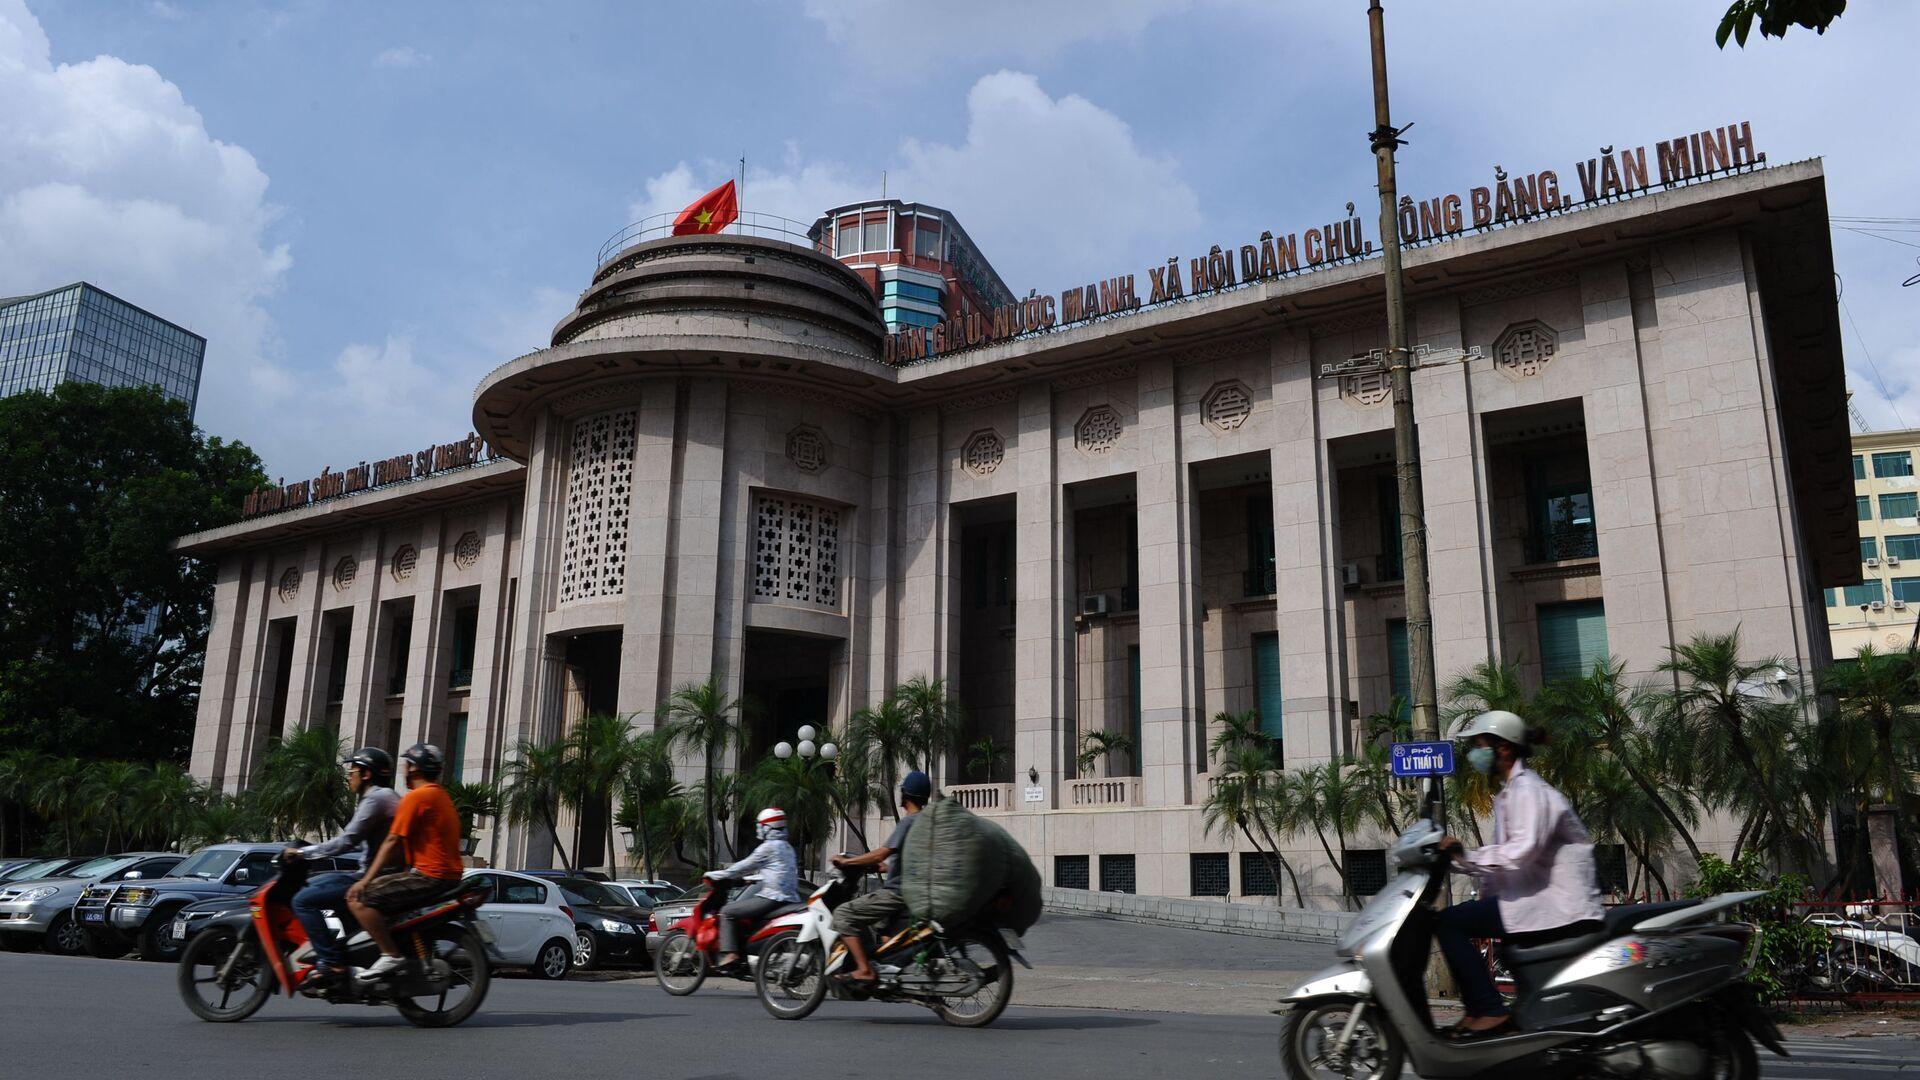 Những người đang đi xe máy qua trụ sở Ngân hàng Nhà nước Việt Nam ở trung tâm thành phố Hà Nội - Sputnik Việt Nam, 1920, 10.09.2021